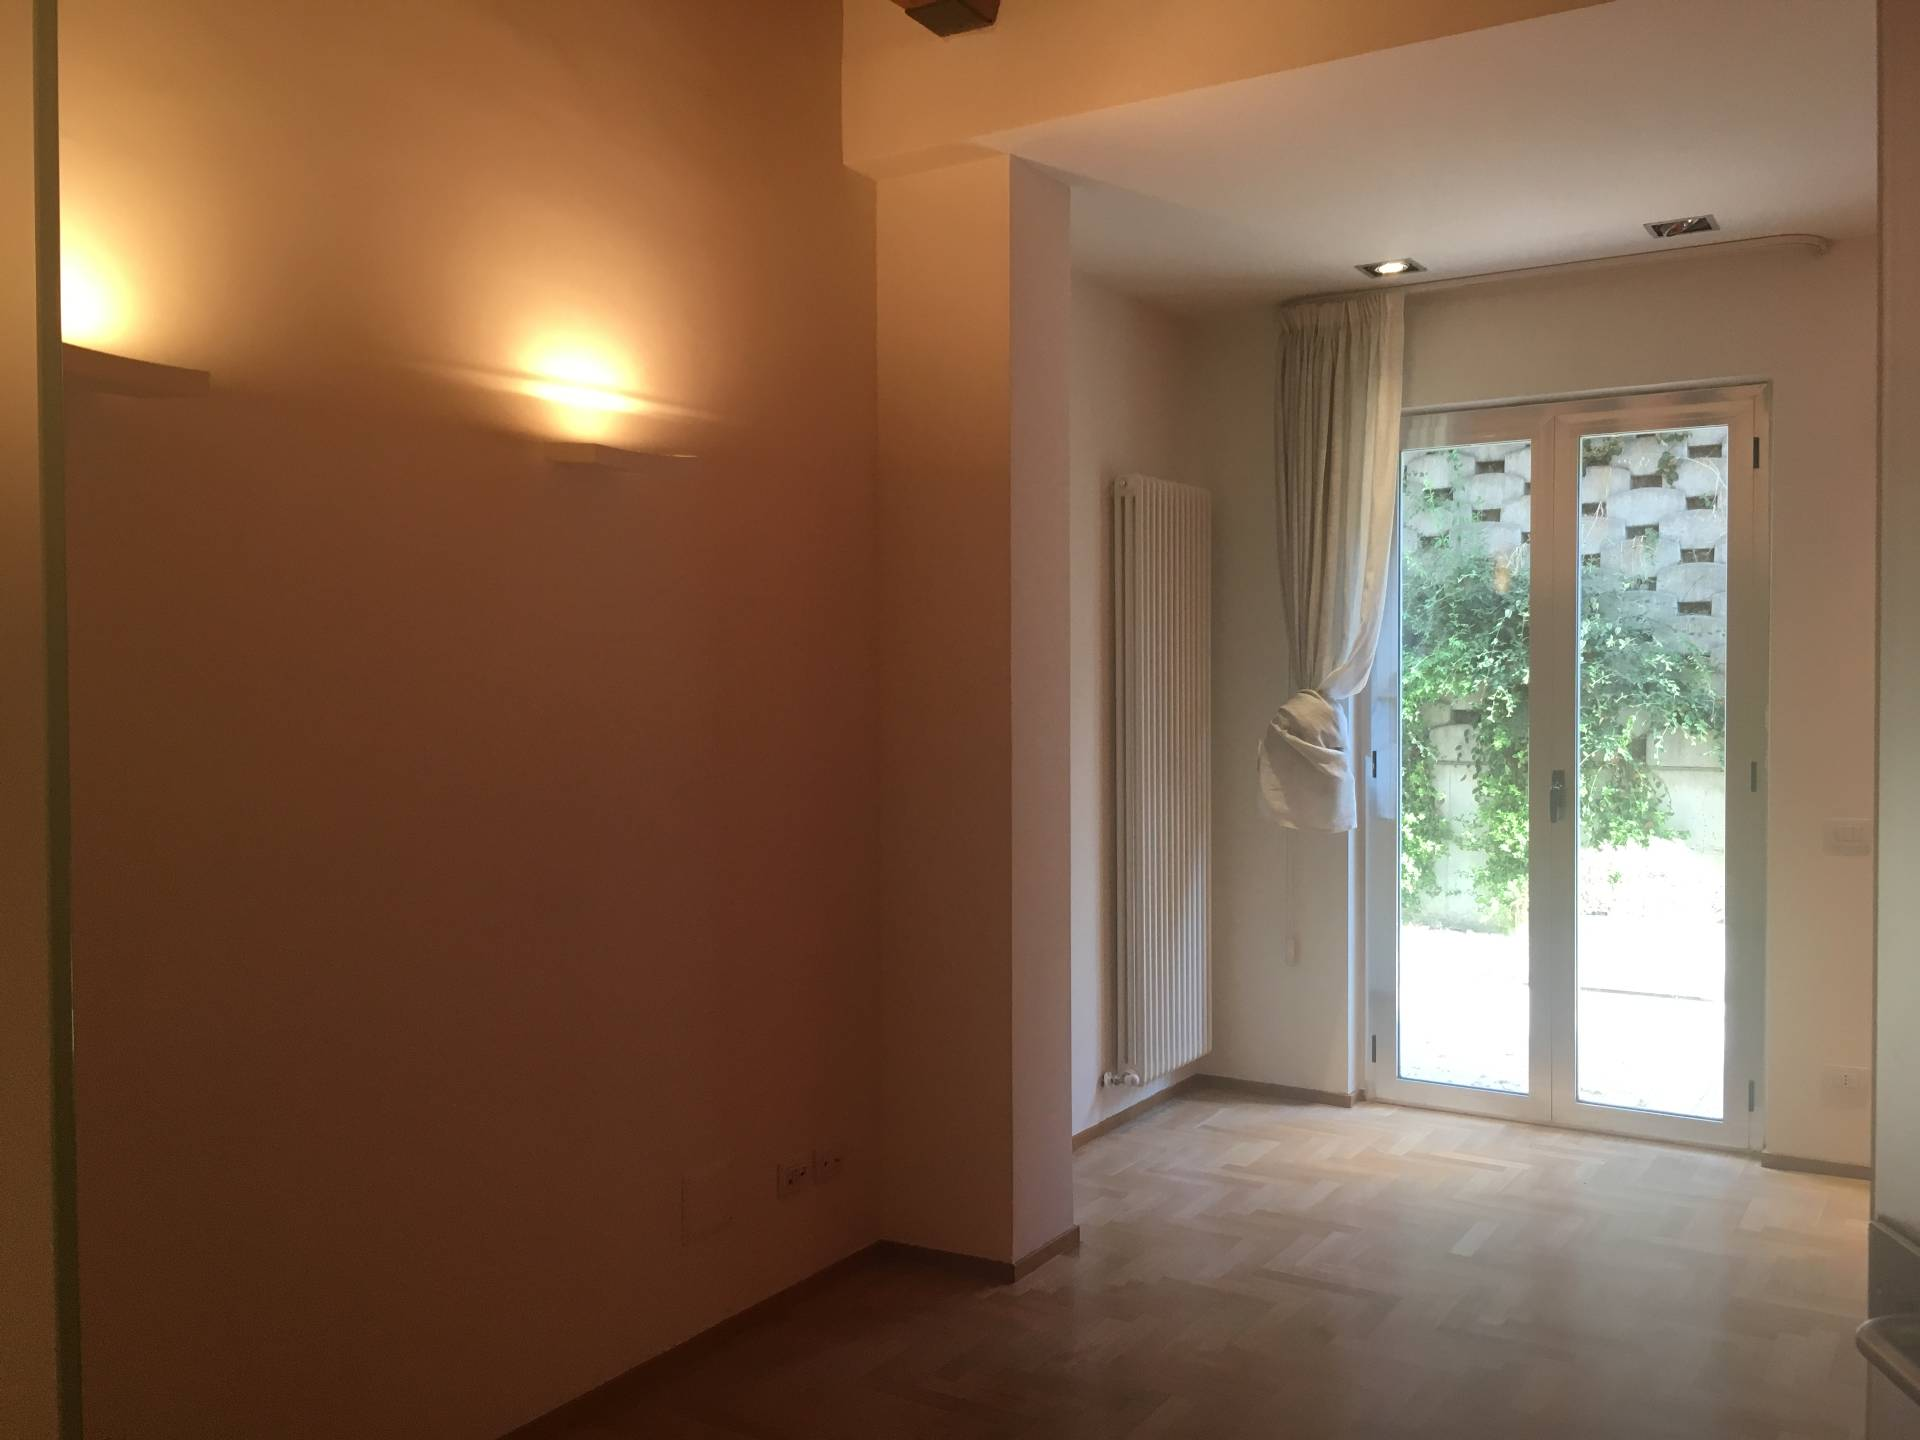 Appartamento in affitto a Ascoli Piceno, 2 locali, zona Località: CentroStorico, prezzo € 400 | Cambio Casa.it